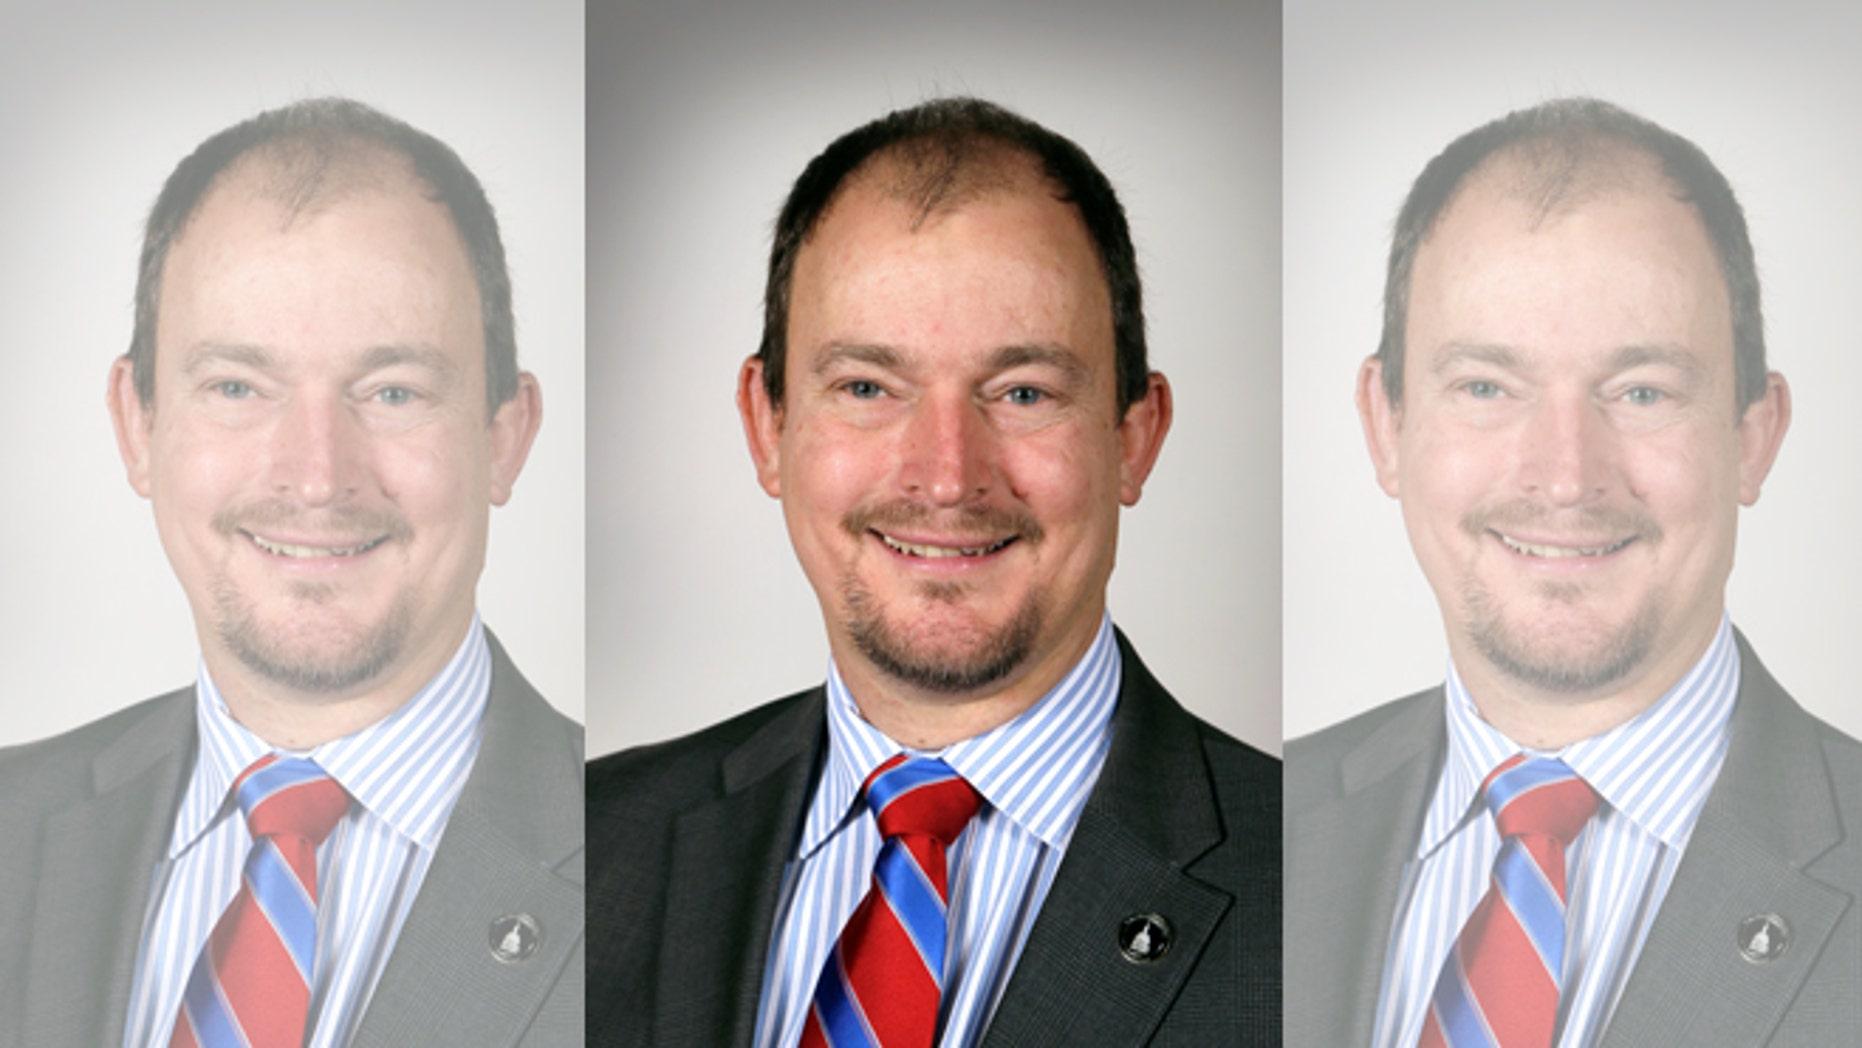 Iowa state Senator Mark Chelgren. (Photo: Iowa legislature)